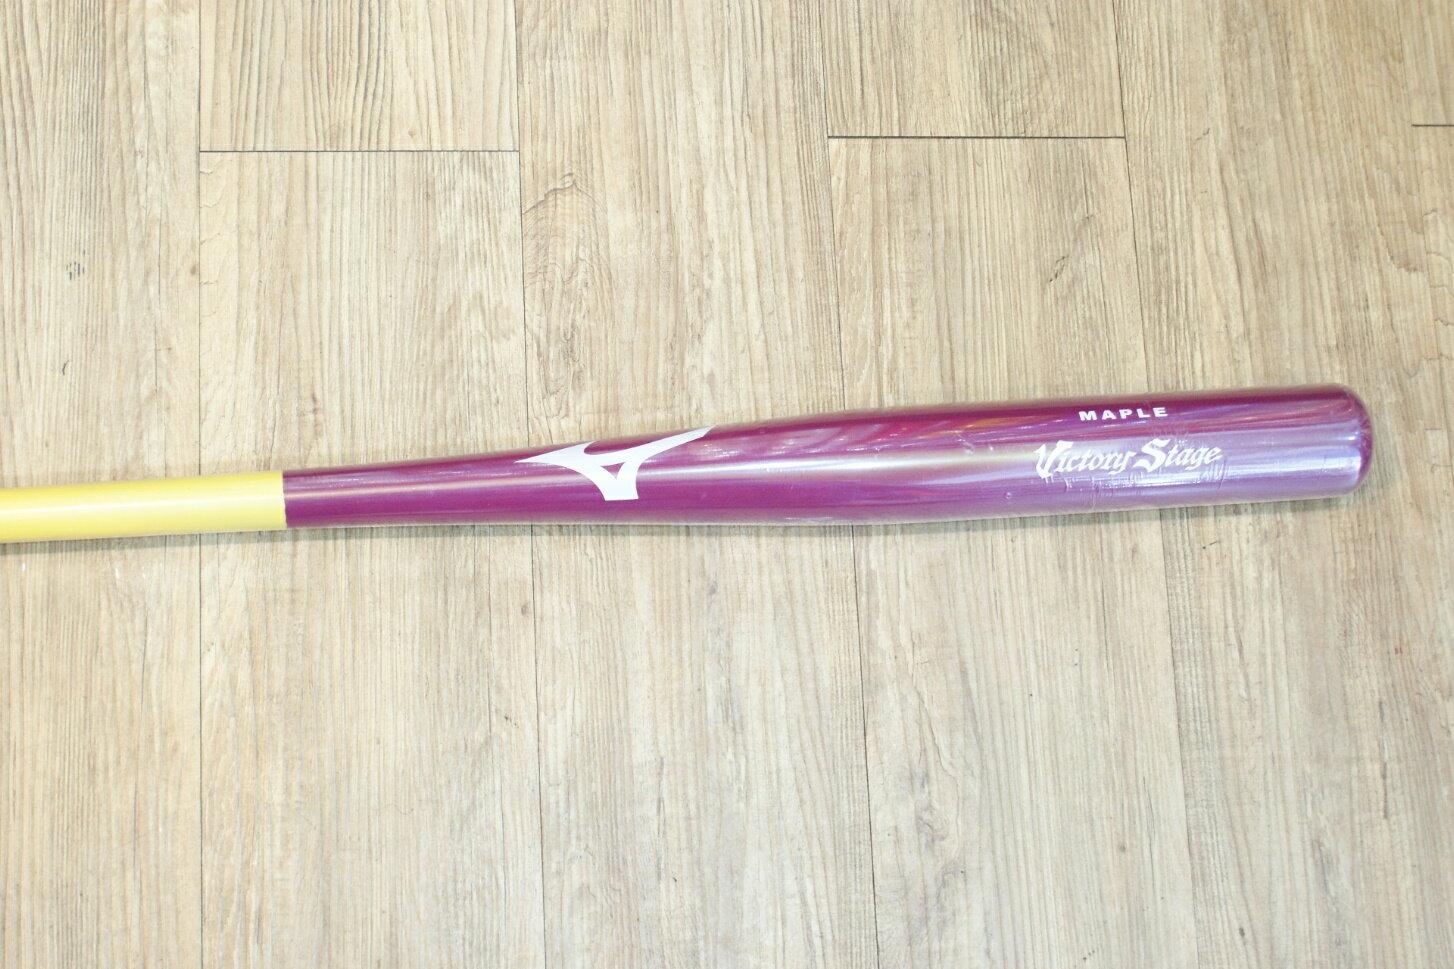 棒球世界 2014 MIZUNO 美津濃 慢速壘球用楓木棒 VICTORY STAGE 特價